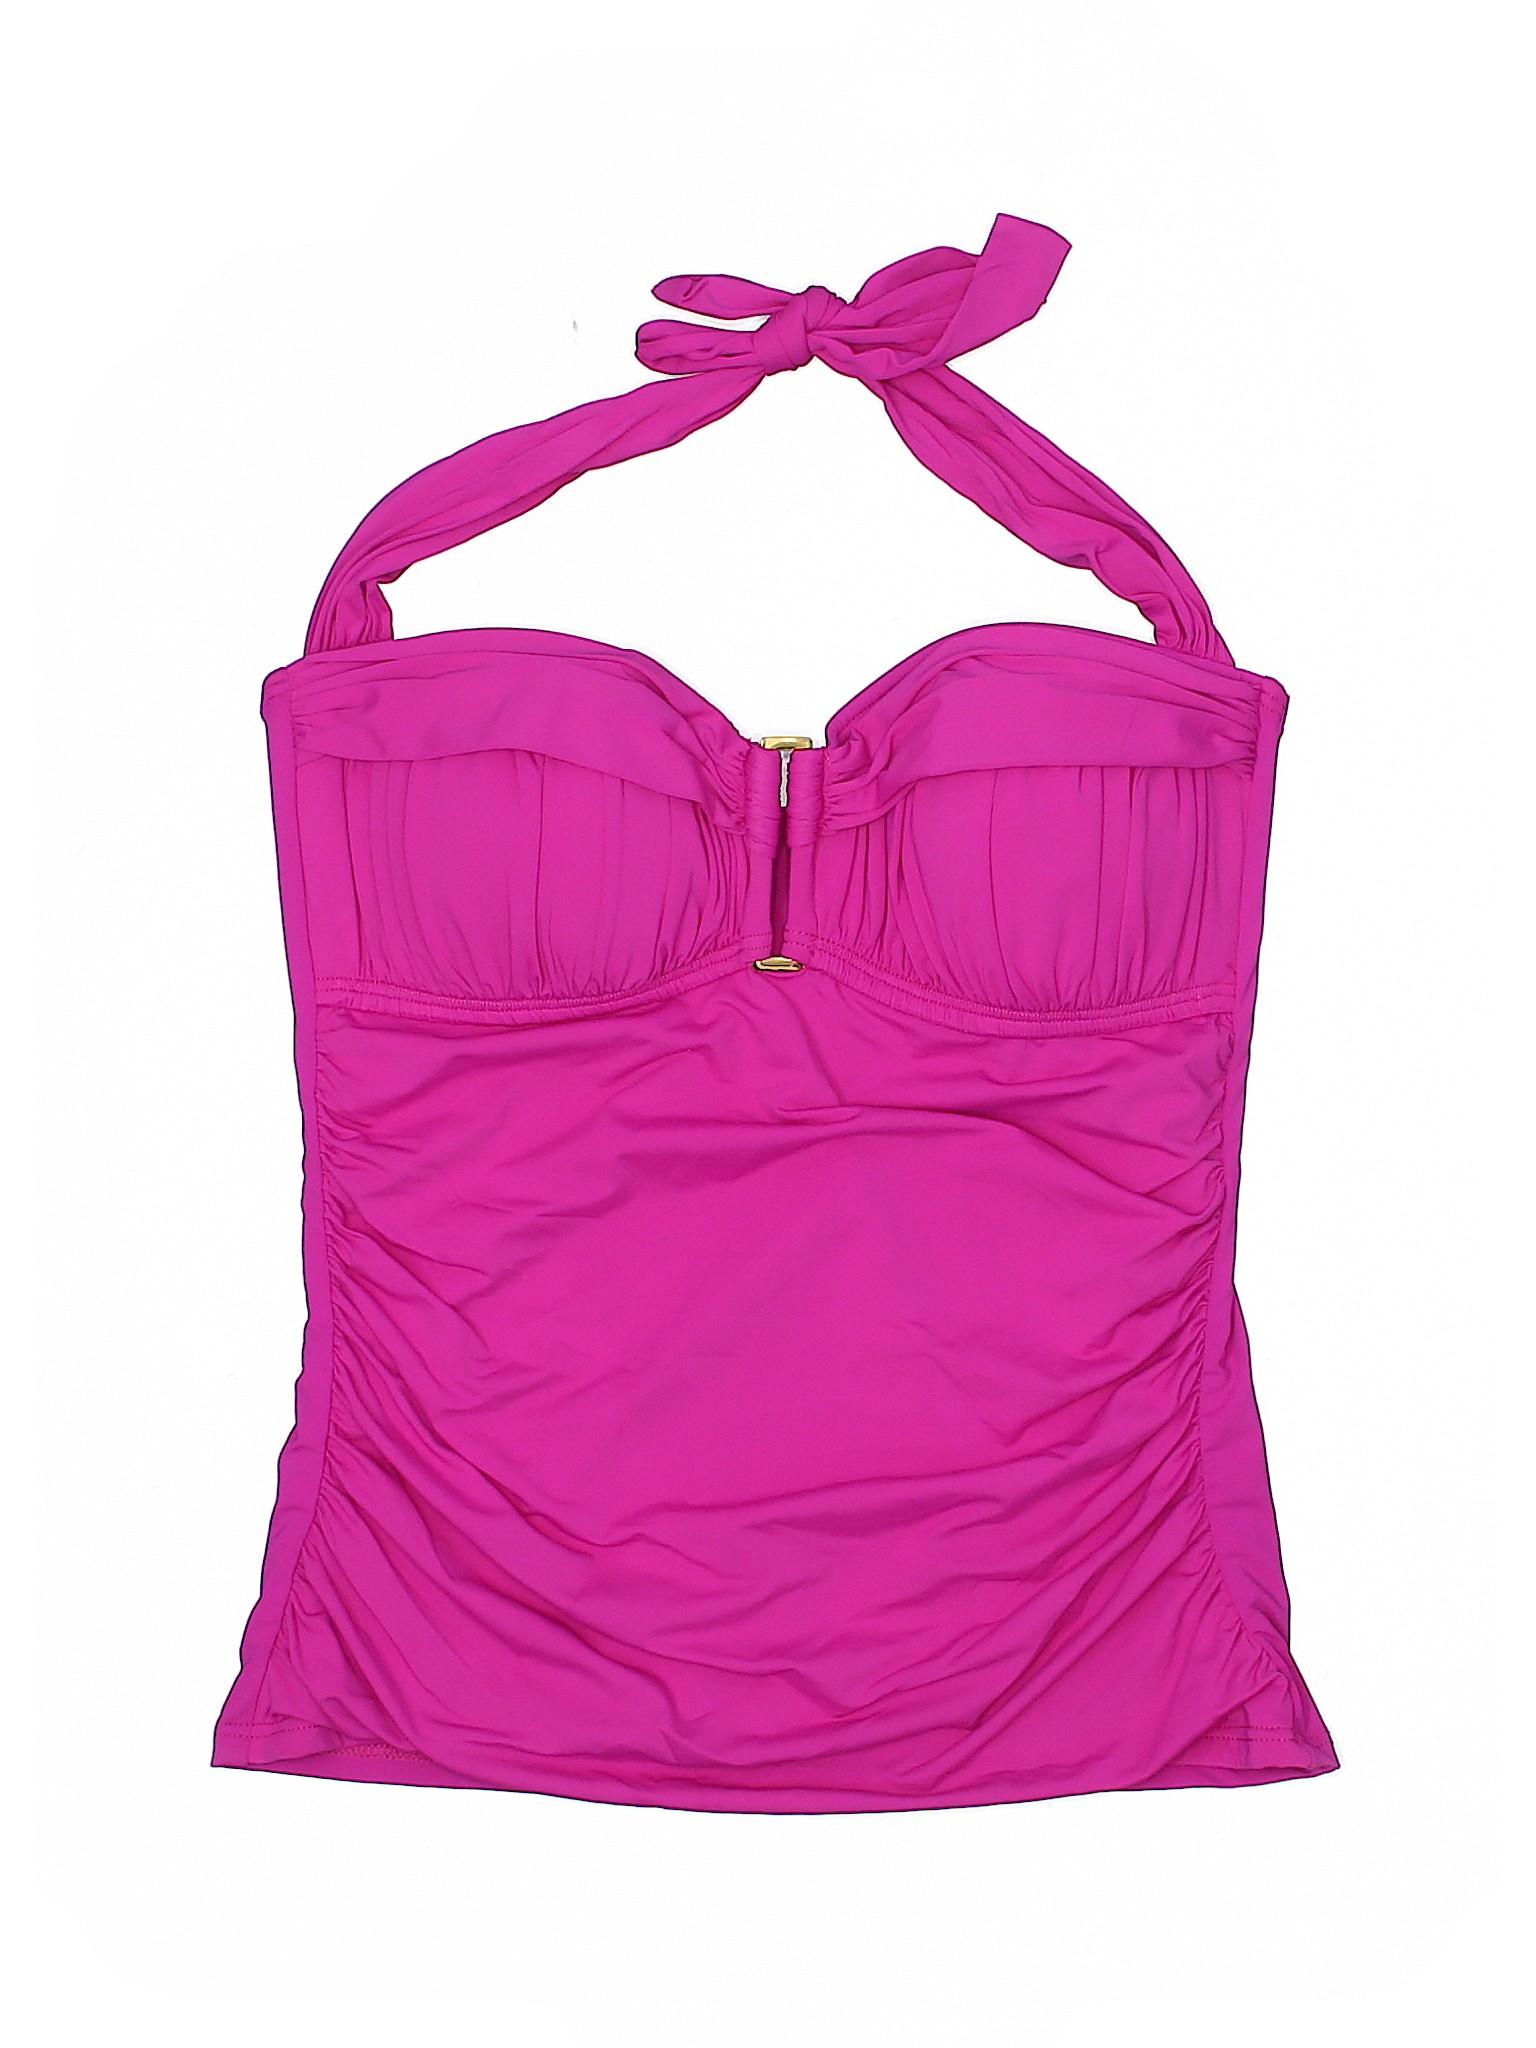 Rod Top Beattie Swimsuit Boutique Bleu RSTqng